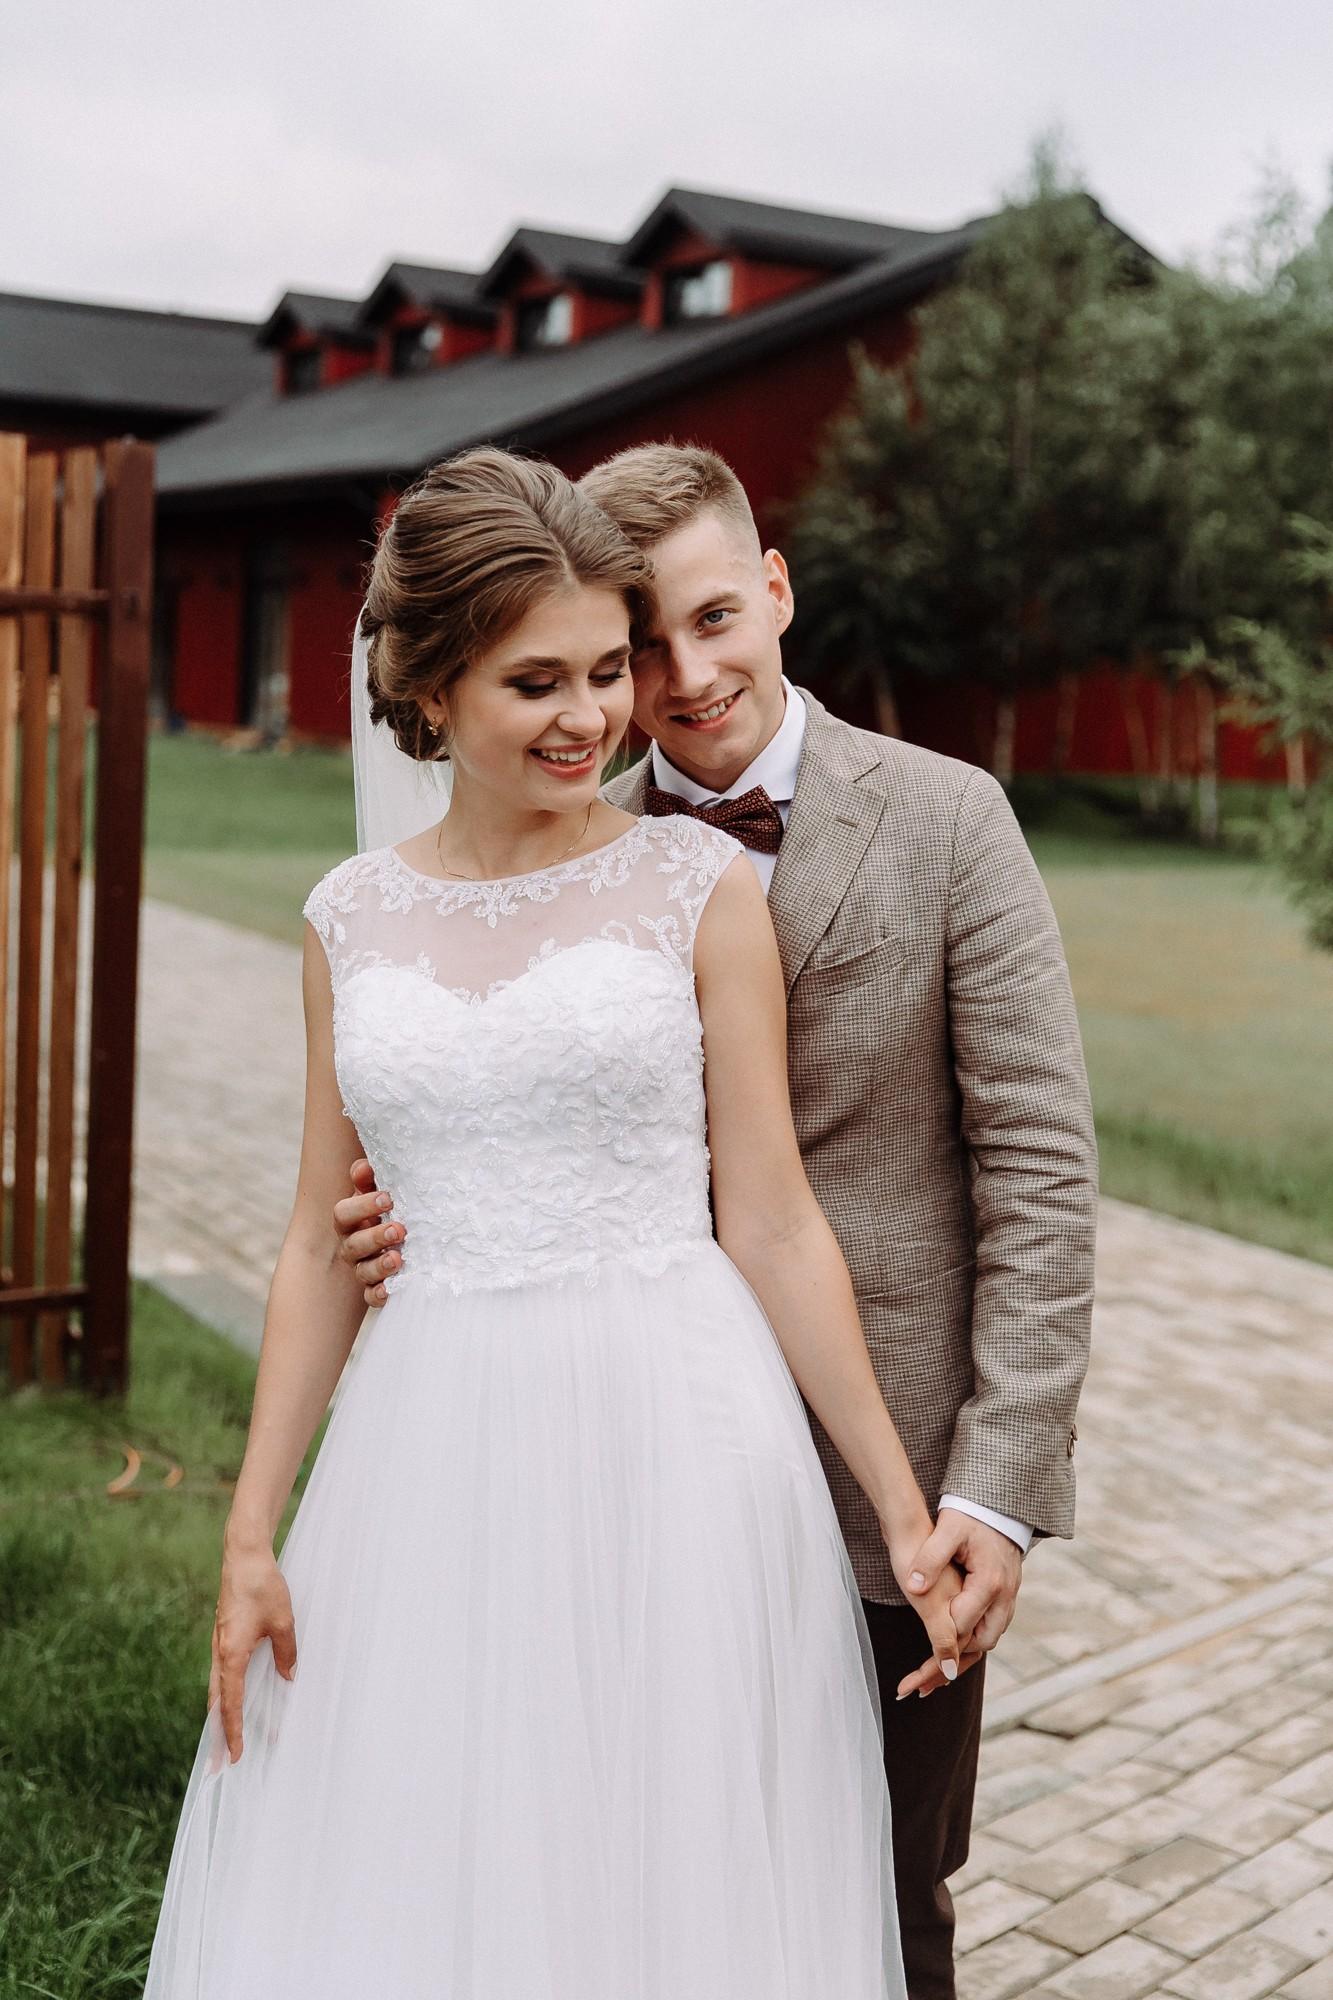 СВАДЕБНЫЙ ДЕНЬ Маша и Денис